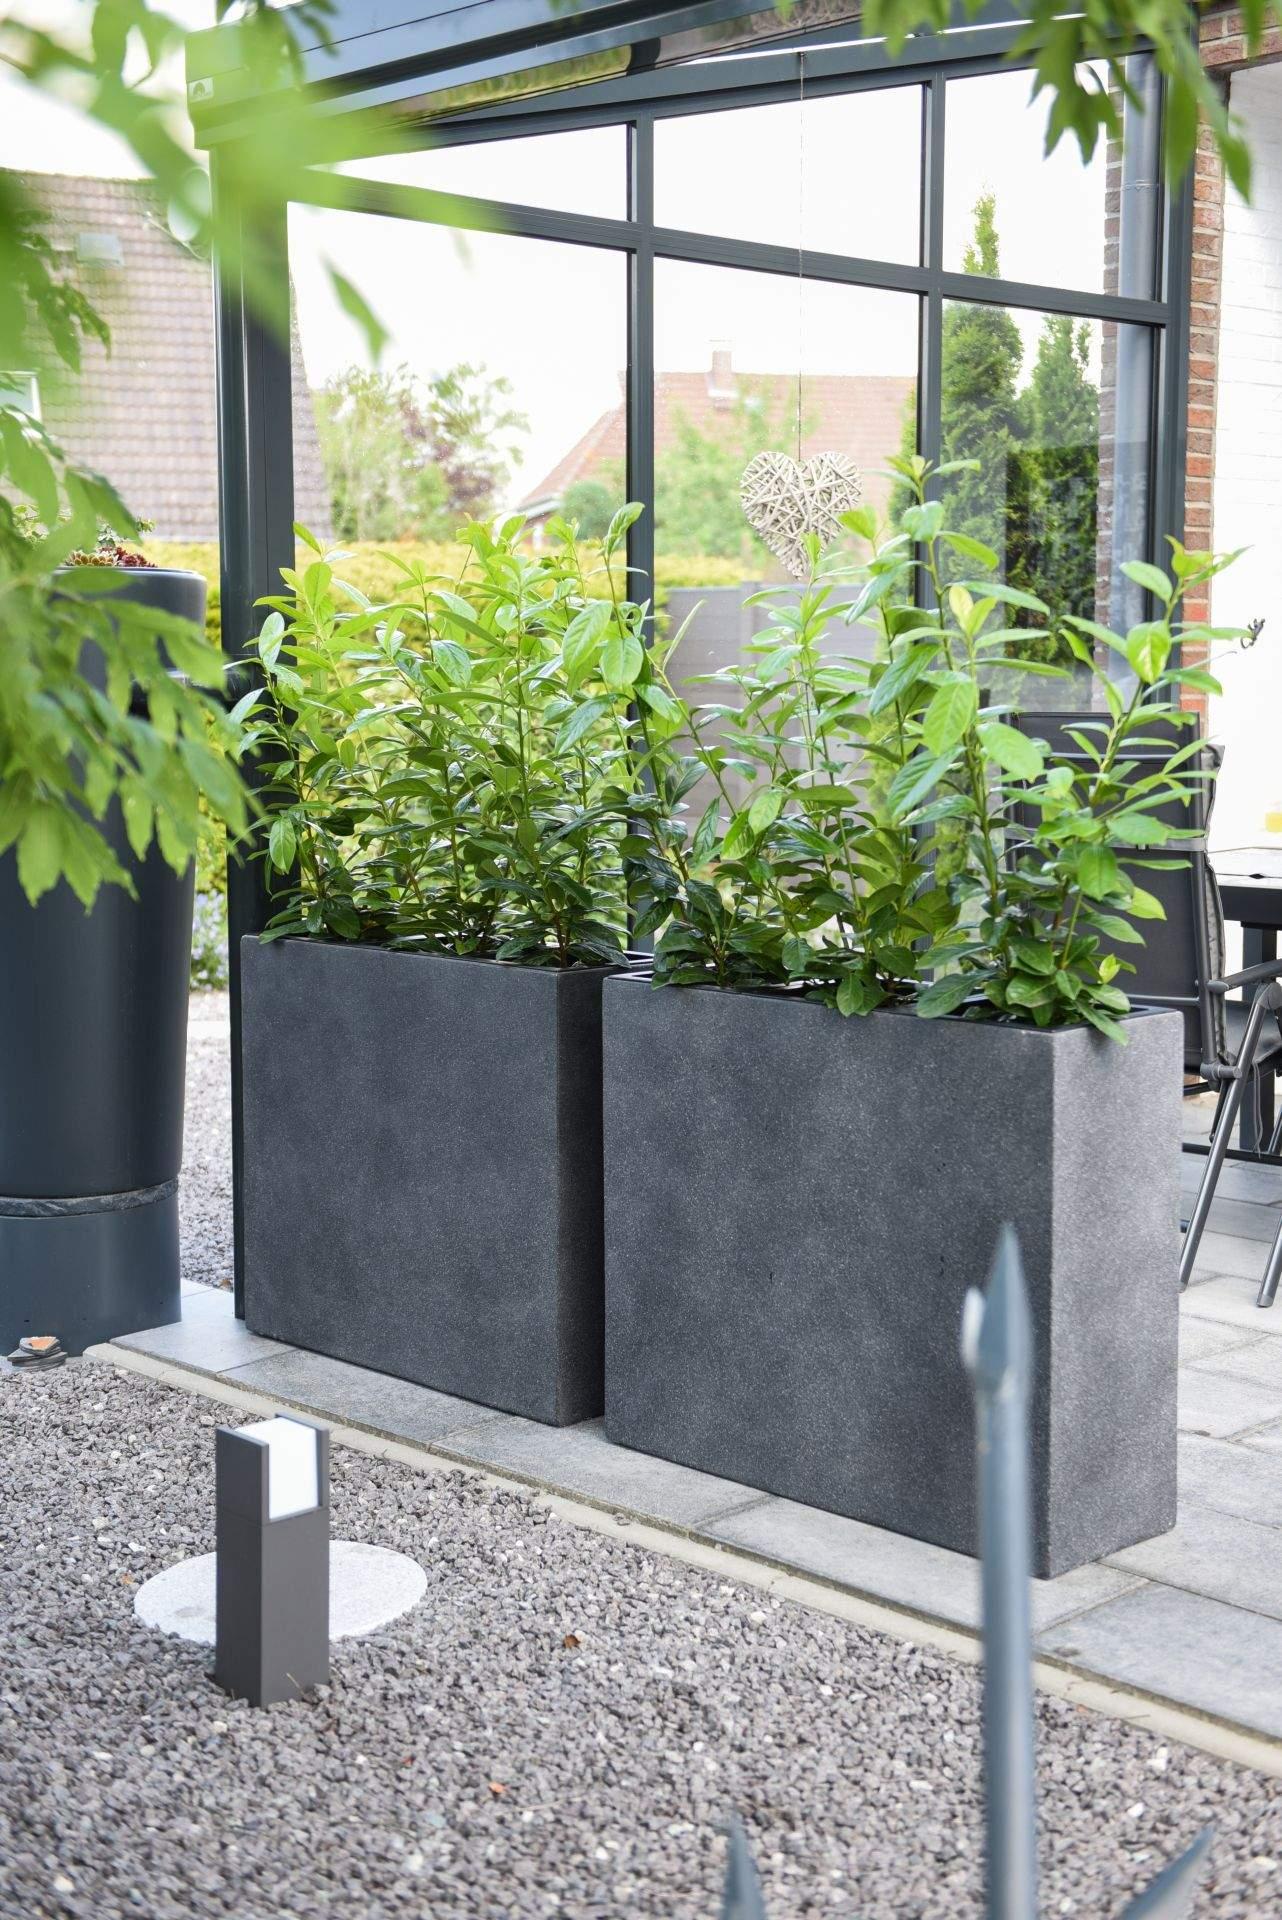 pflanzkuebel raumteiler sichtschutz beton anthrazit elemento 88 4 1